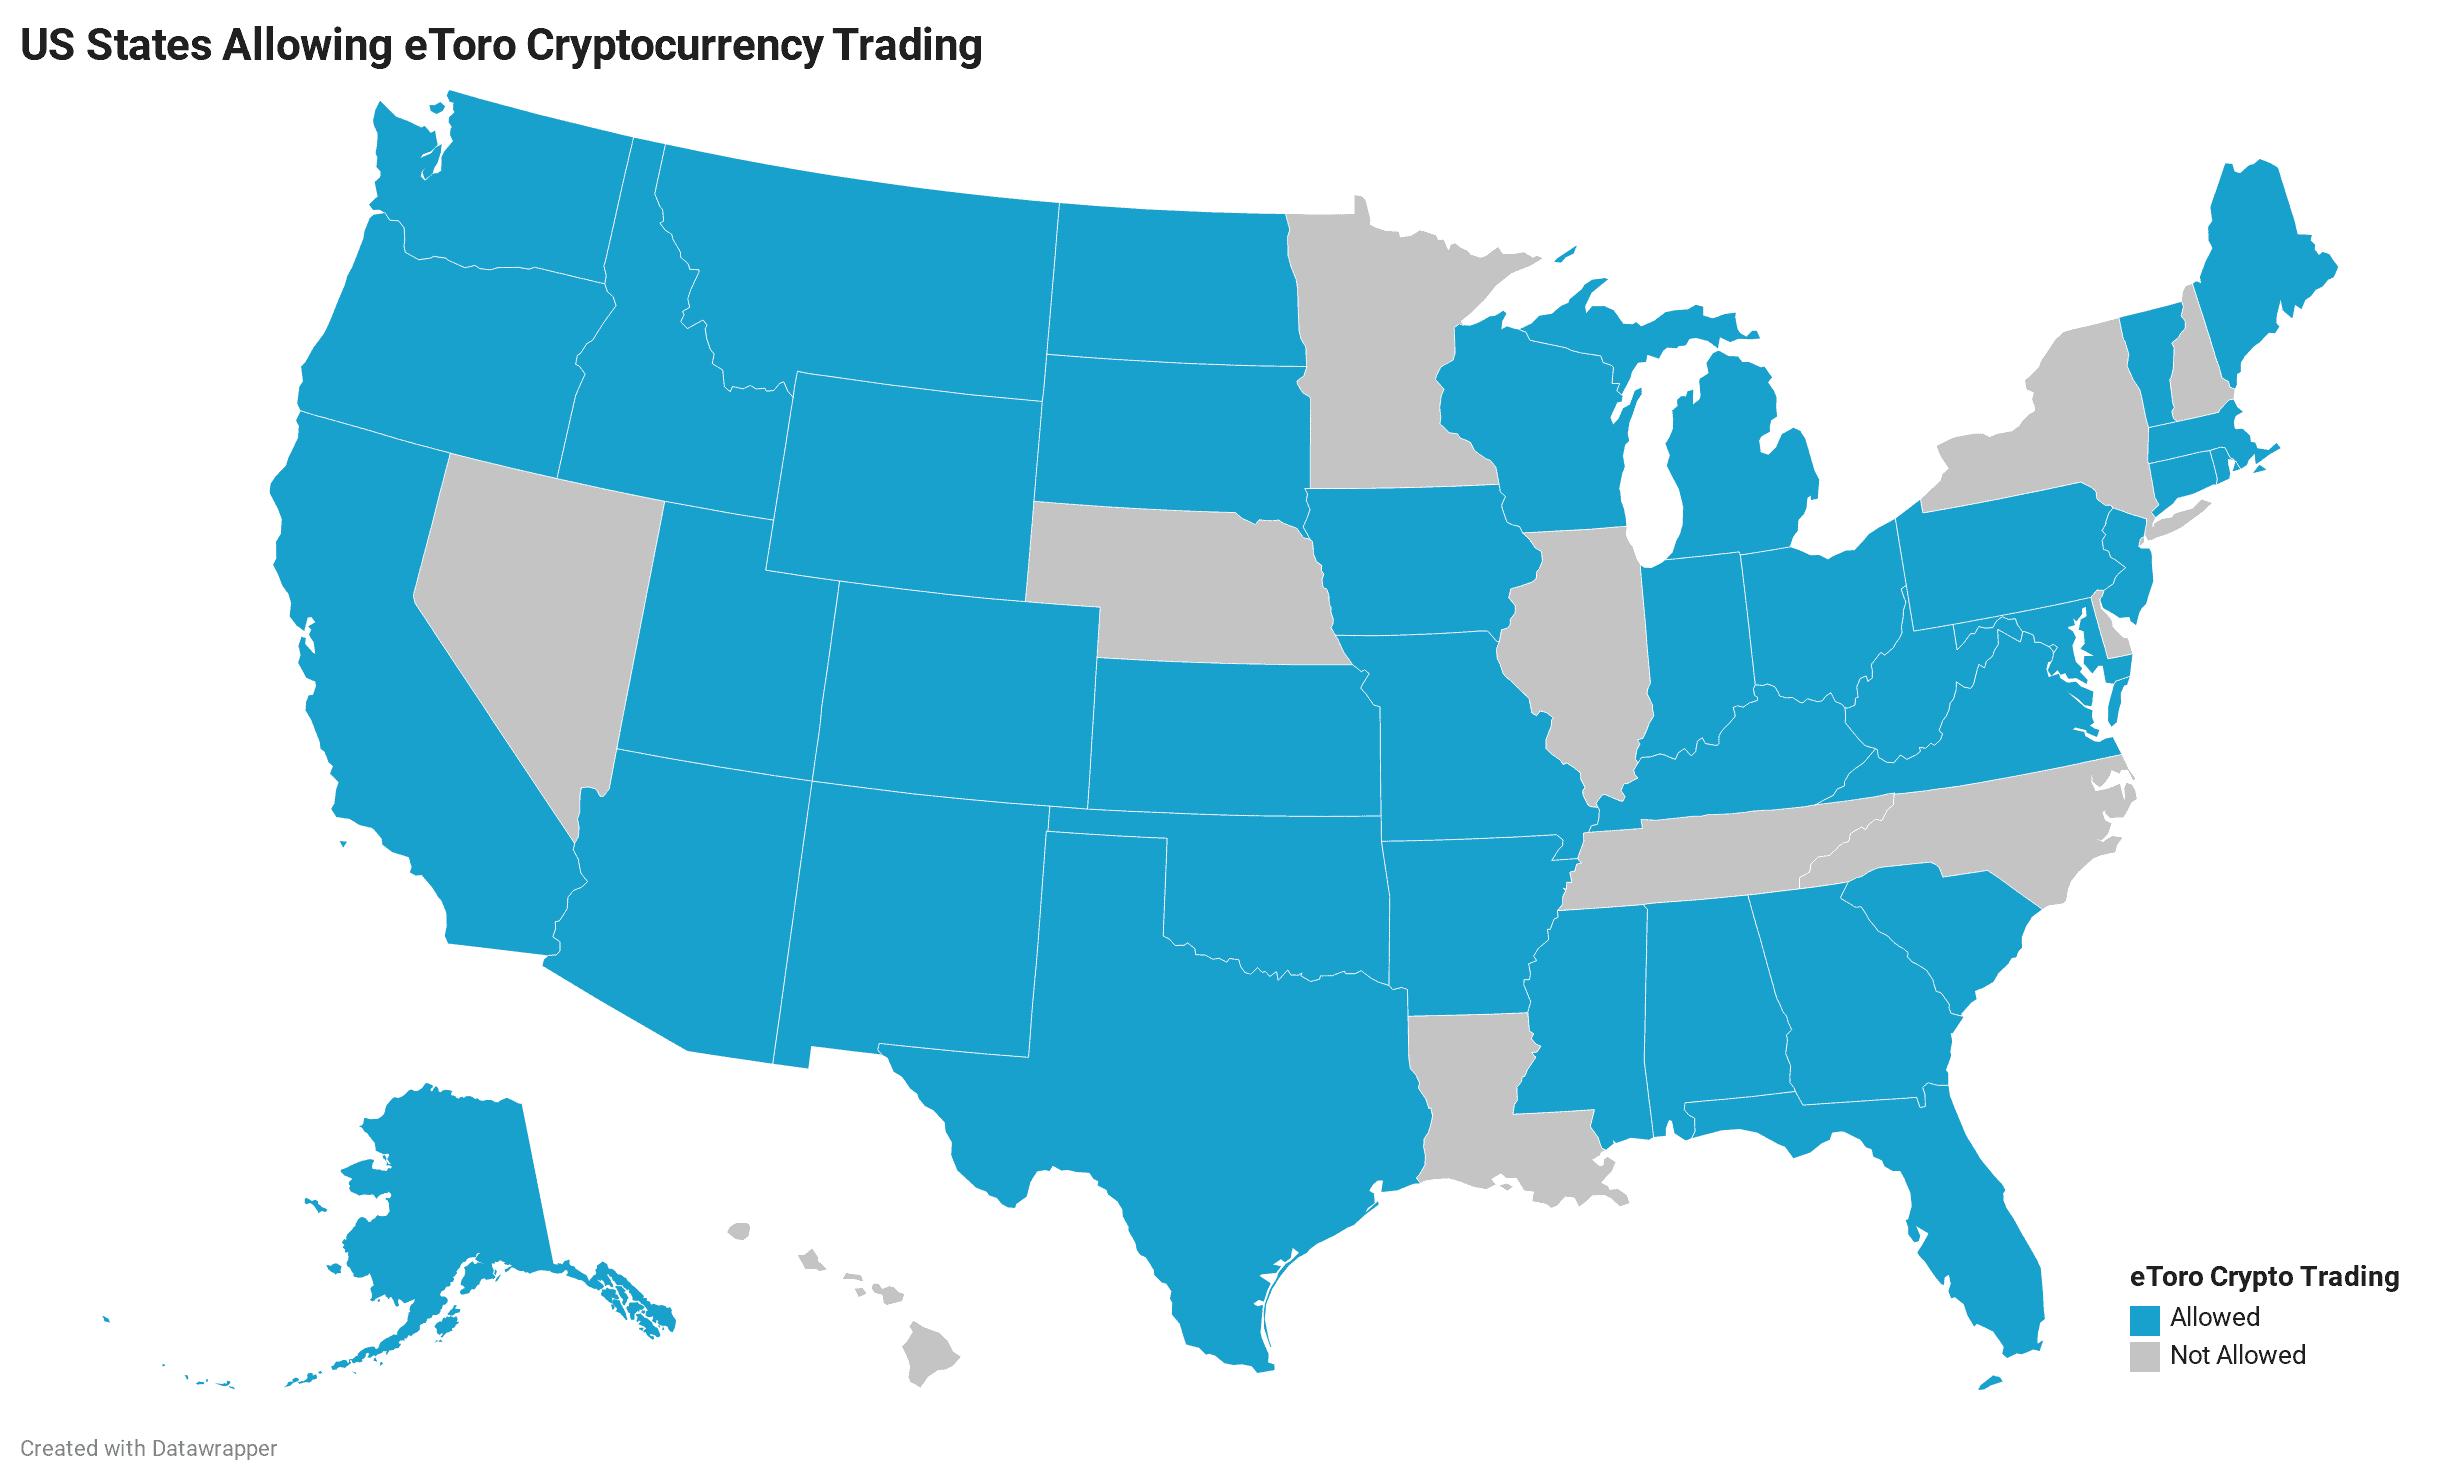 States that allow eToro cryptocurrency trading